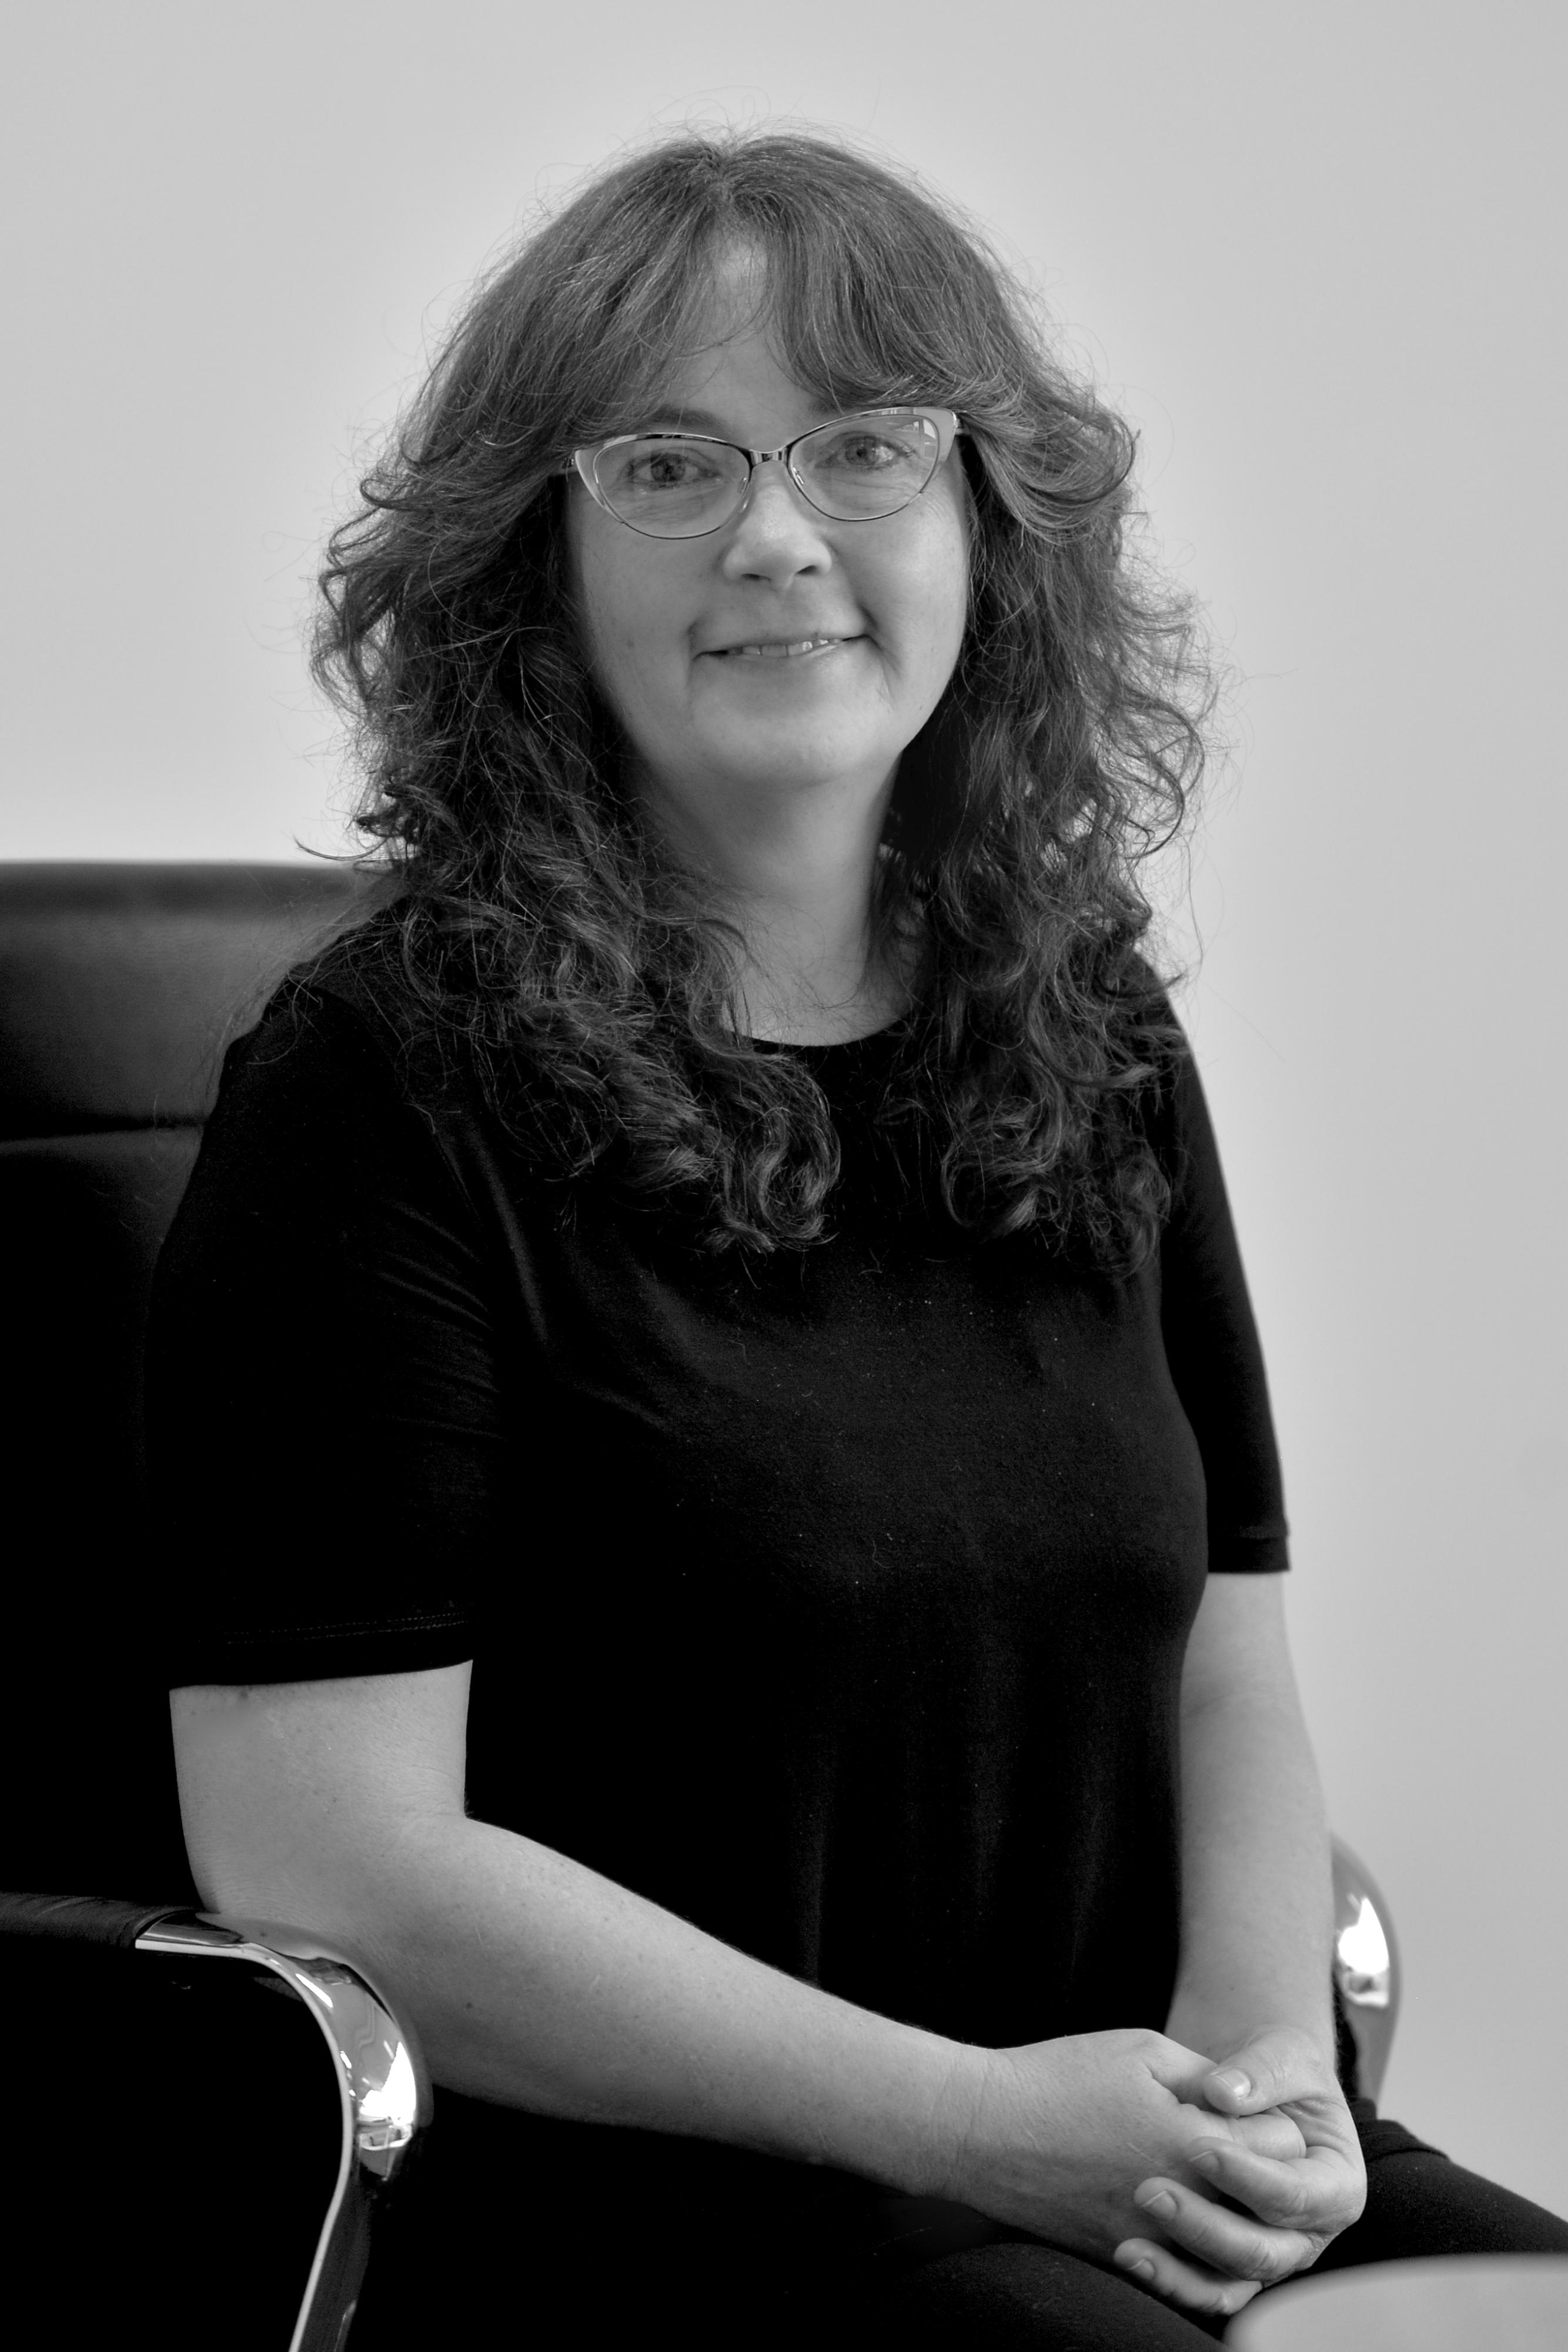 Lorraine Sorrensen